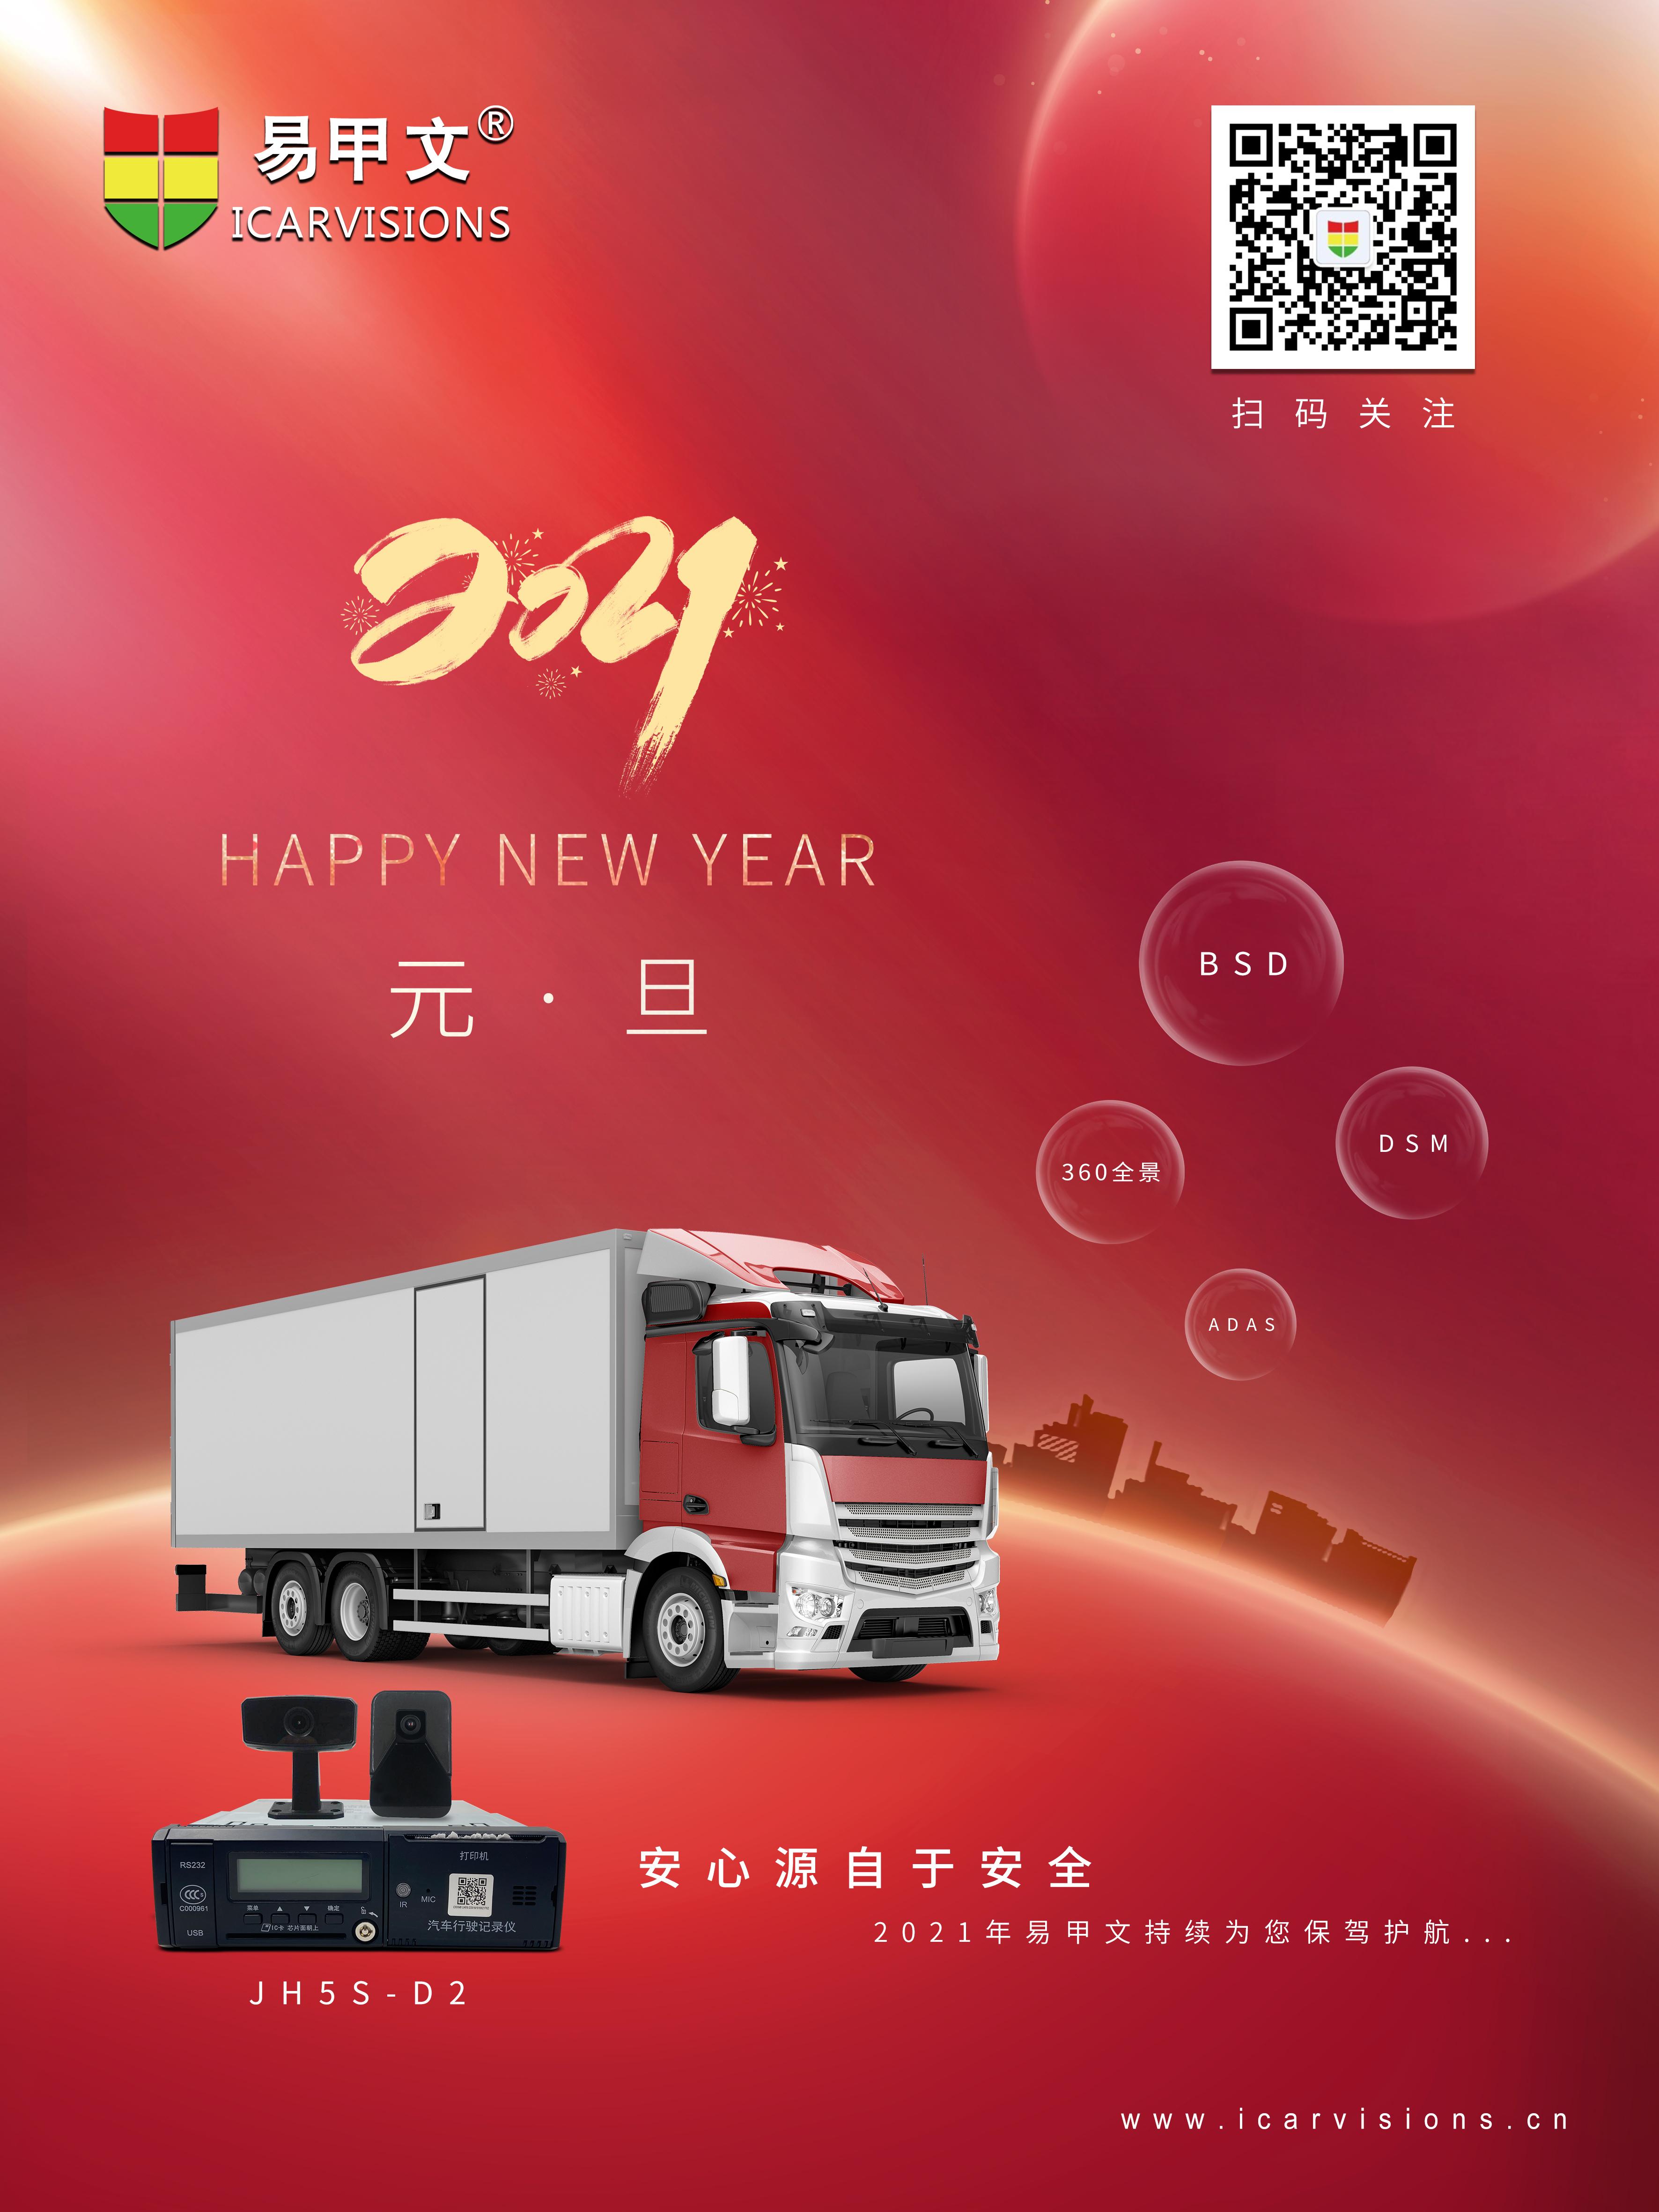 【元旦】易甲文恭祝大家元旦快乐,2020已过去,2021更美丽! 第1张